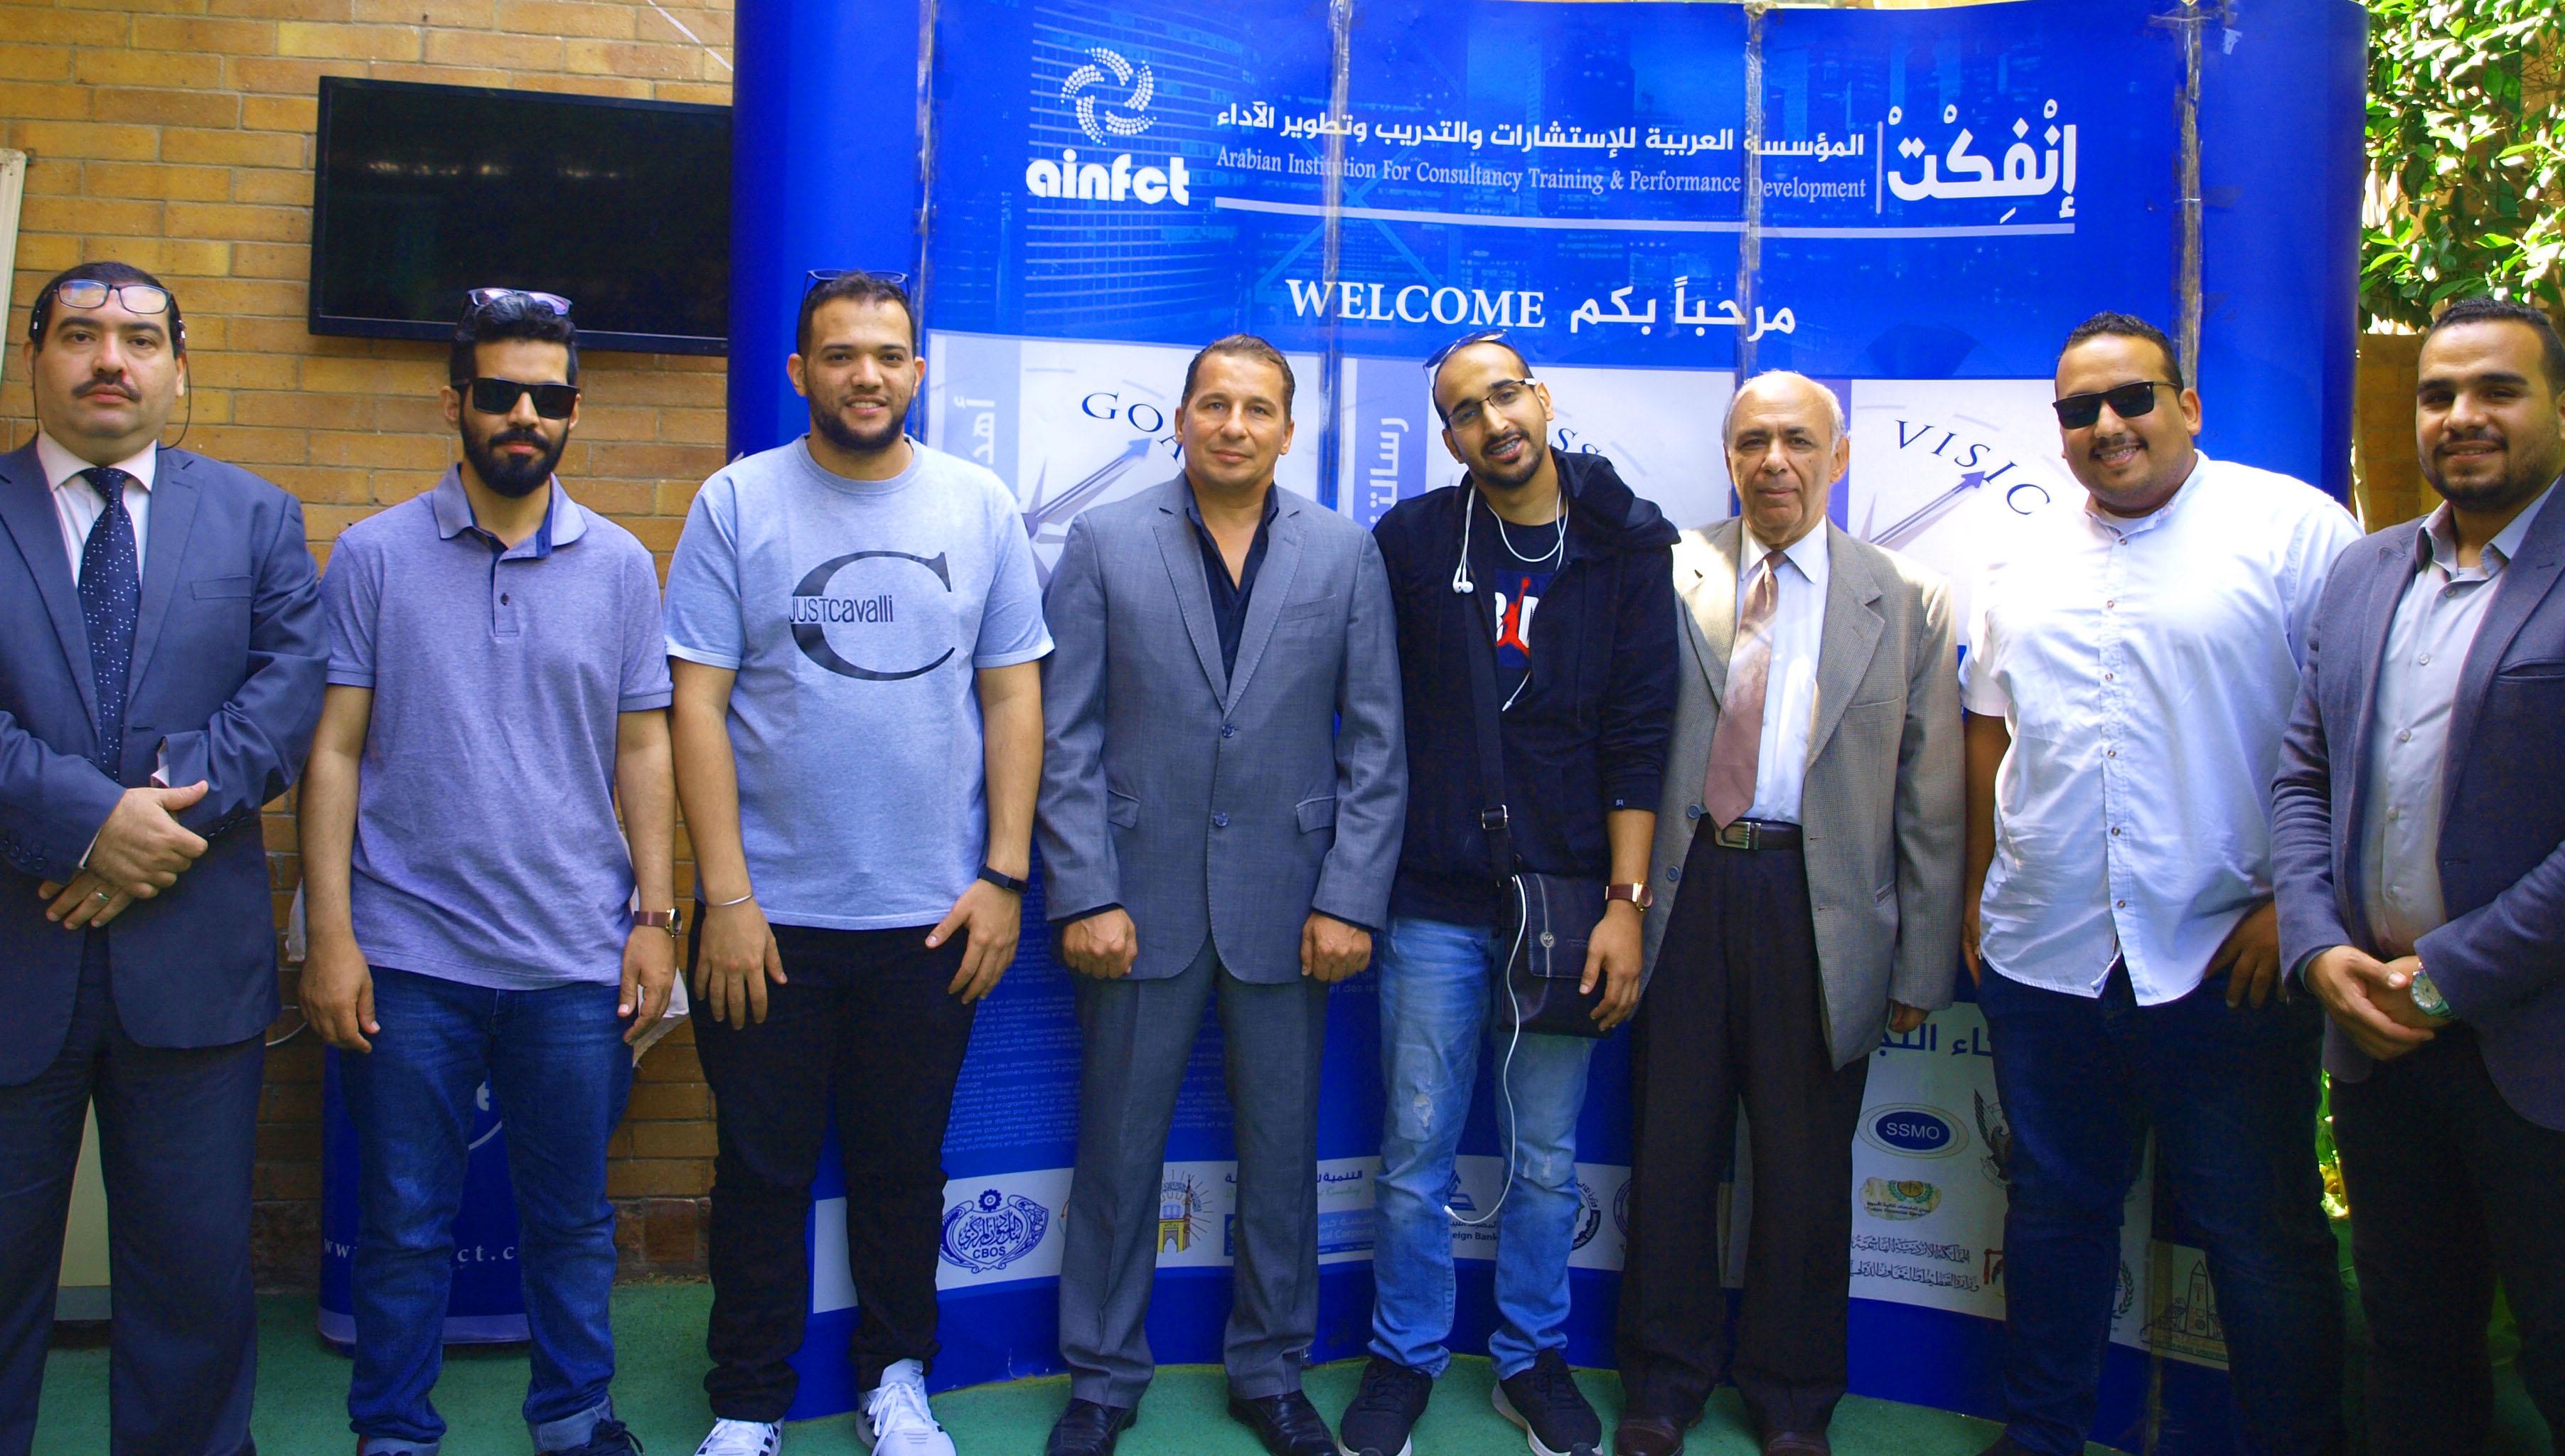 اختتام برامج تدريبية فى مؤسسة إنفكت بمشاركة من السعودية  والسودان والقاهرة